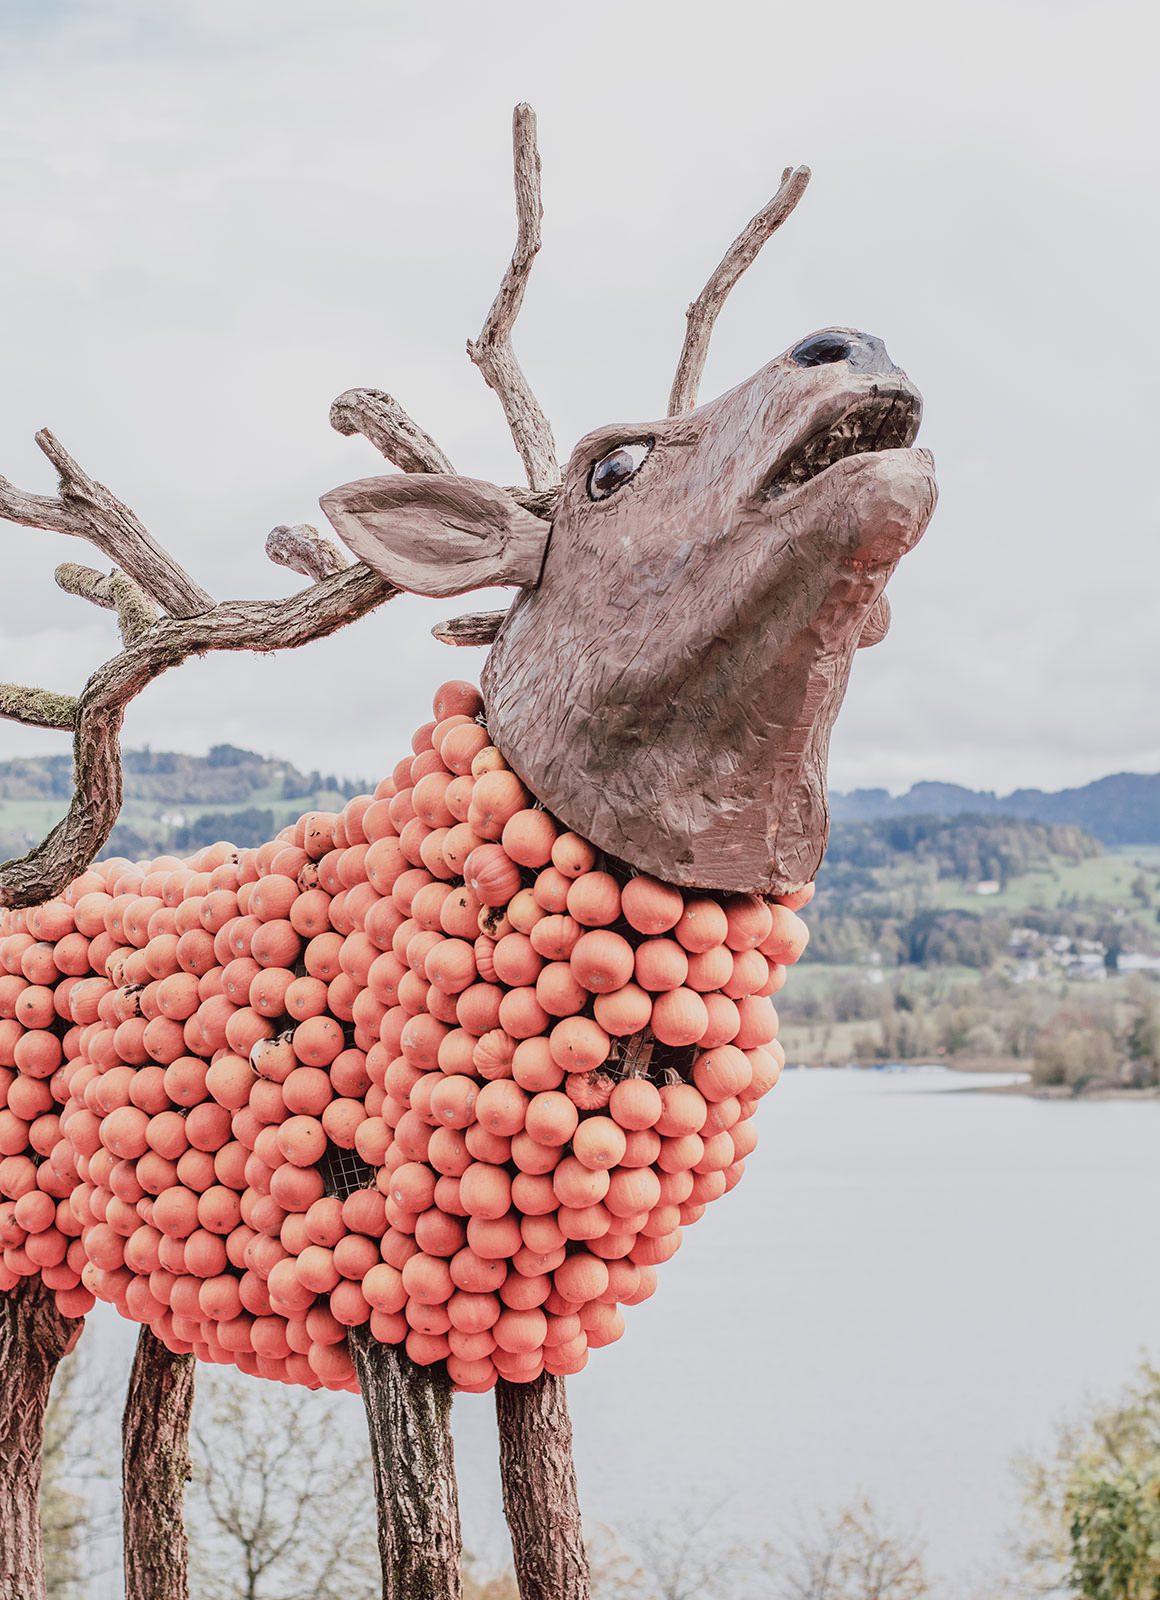 A day at Jucker Farm Pumpkin Festival in Switzerland